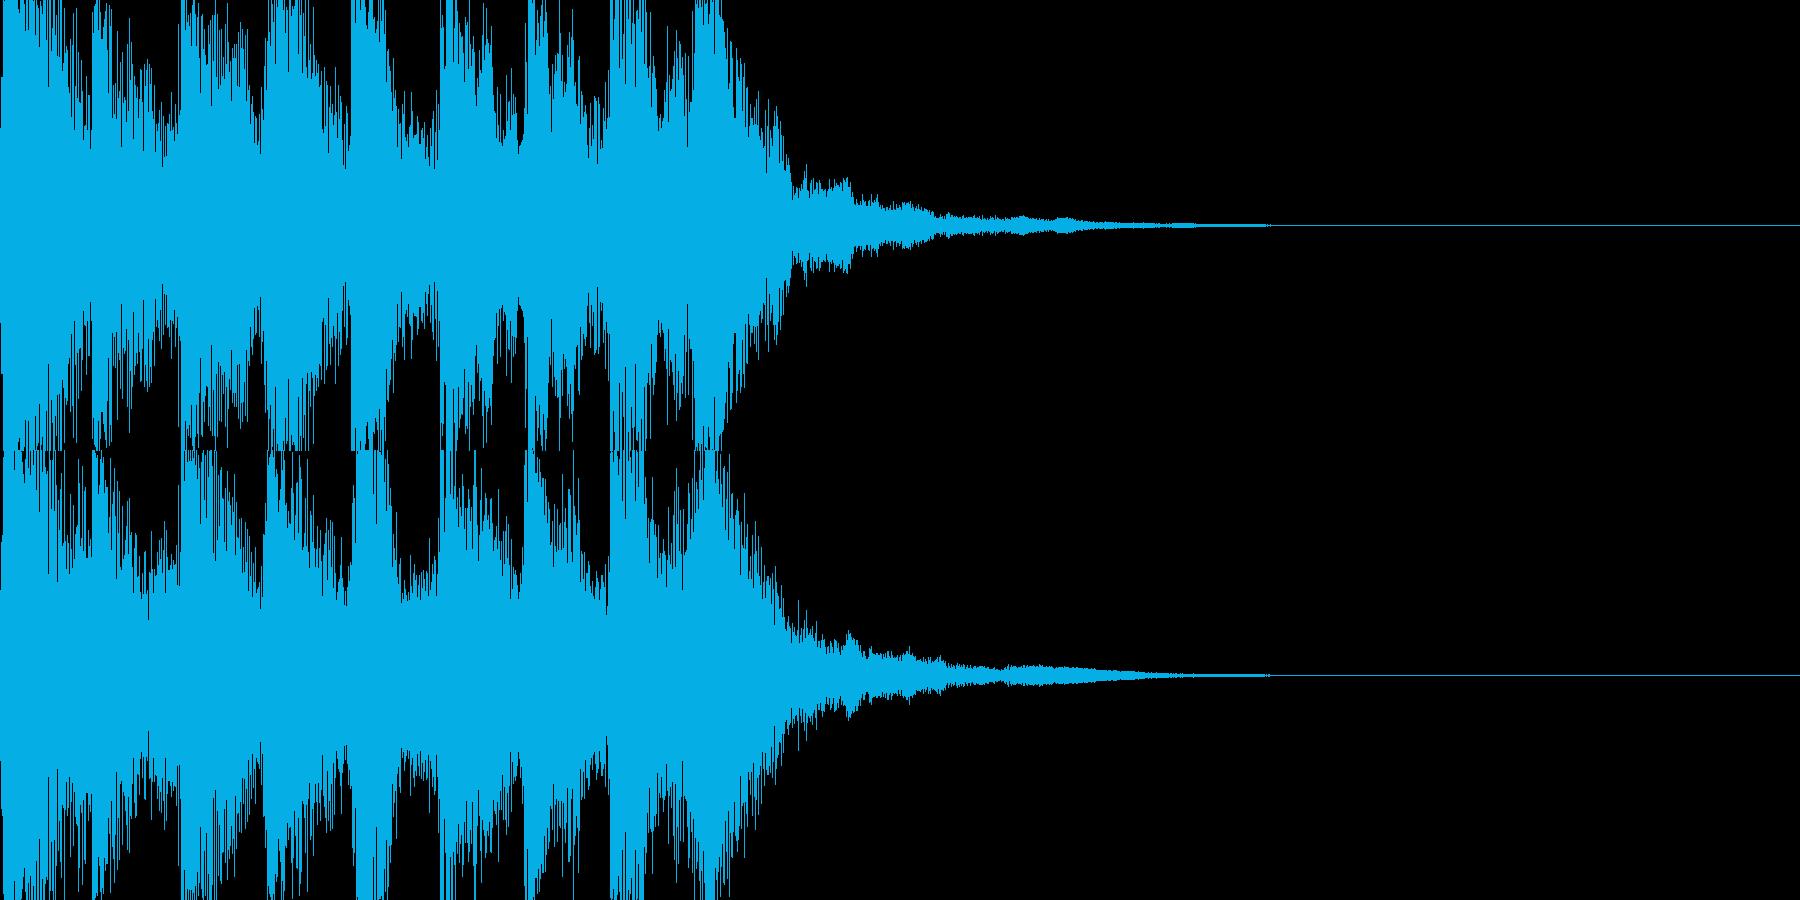 力強い和風ジングル 生演奏三味線の再生済みの波形